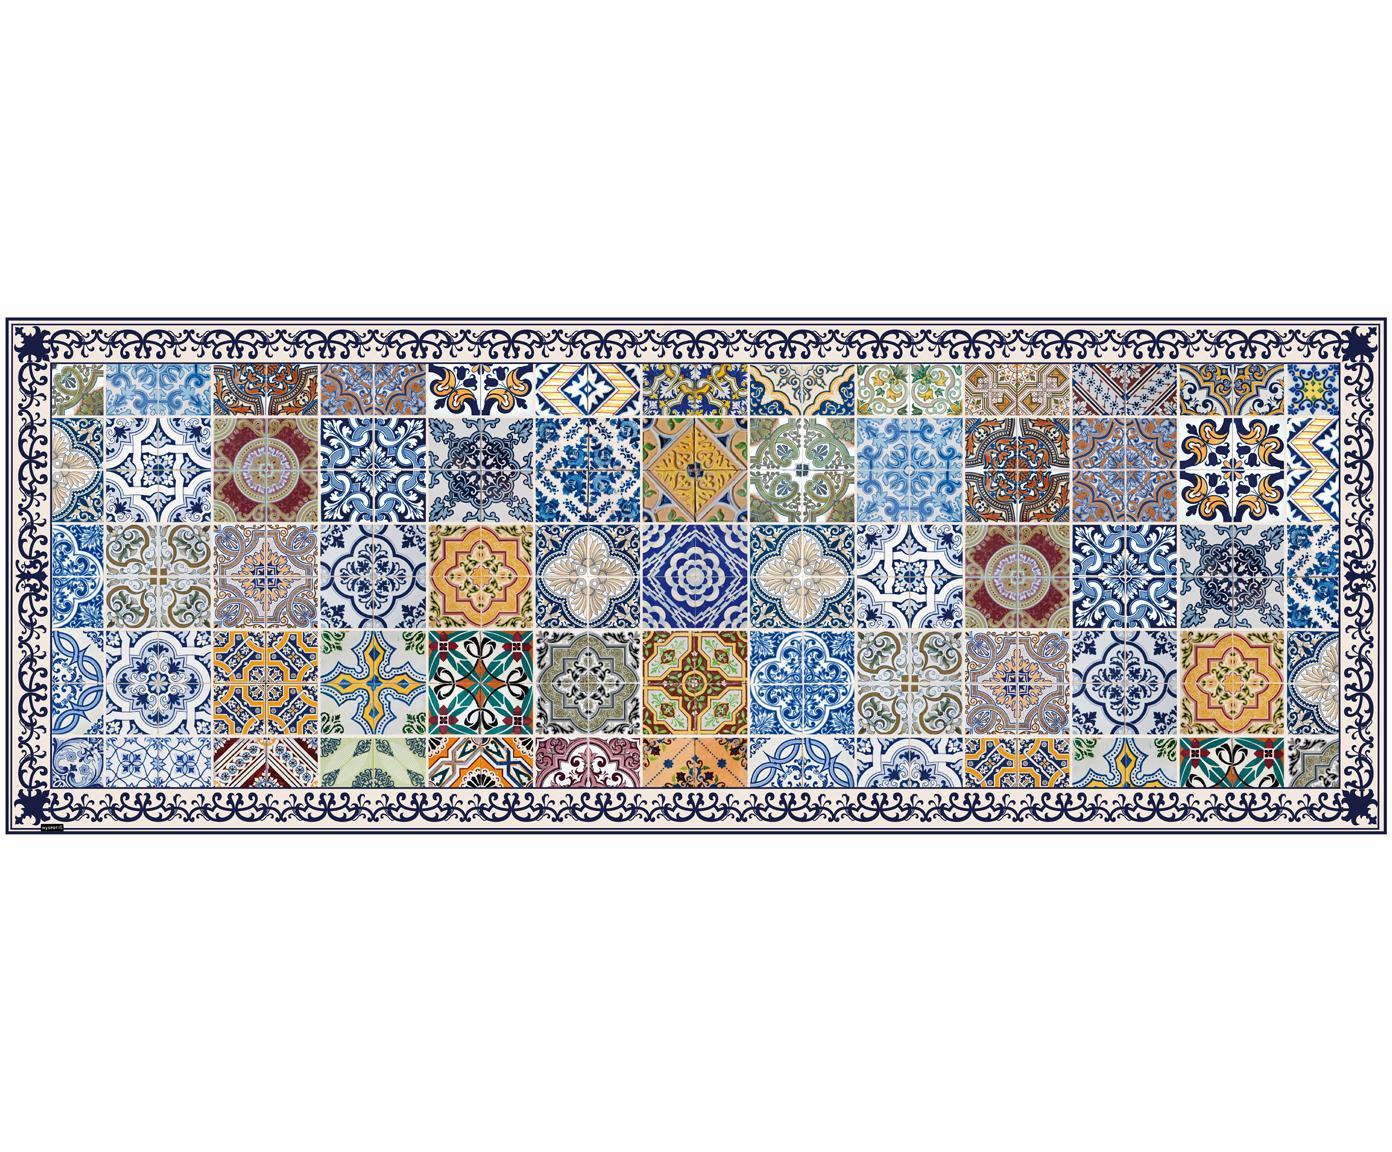 Passatoia in vinile riciclabile Pablo, Vinile riciclabile, Multicolore, Larg. 68 x Lung. 180 cm